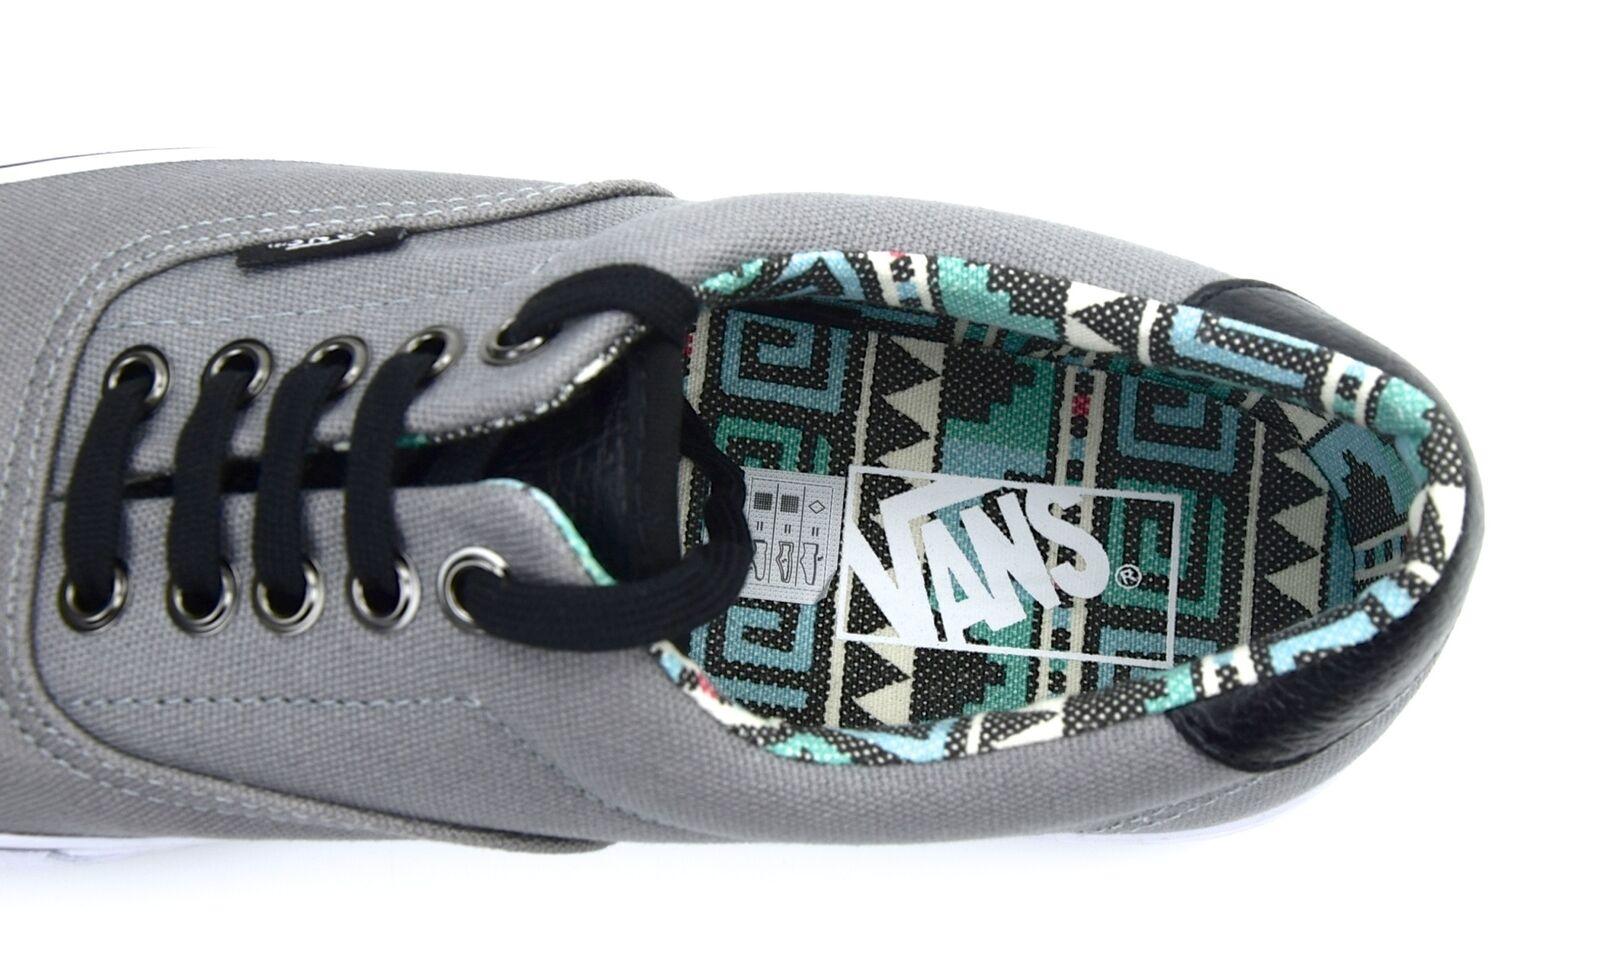 Vans mann sneaker schuhe schuhe schuhe locker - freizeit - code - ära 59 zmsf7t - zmsf7x e4dfb6